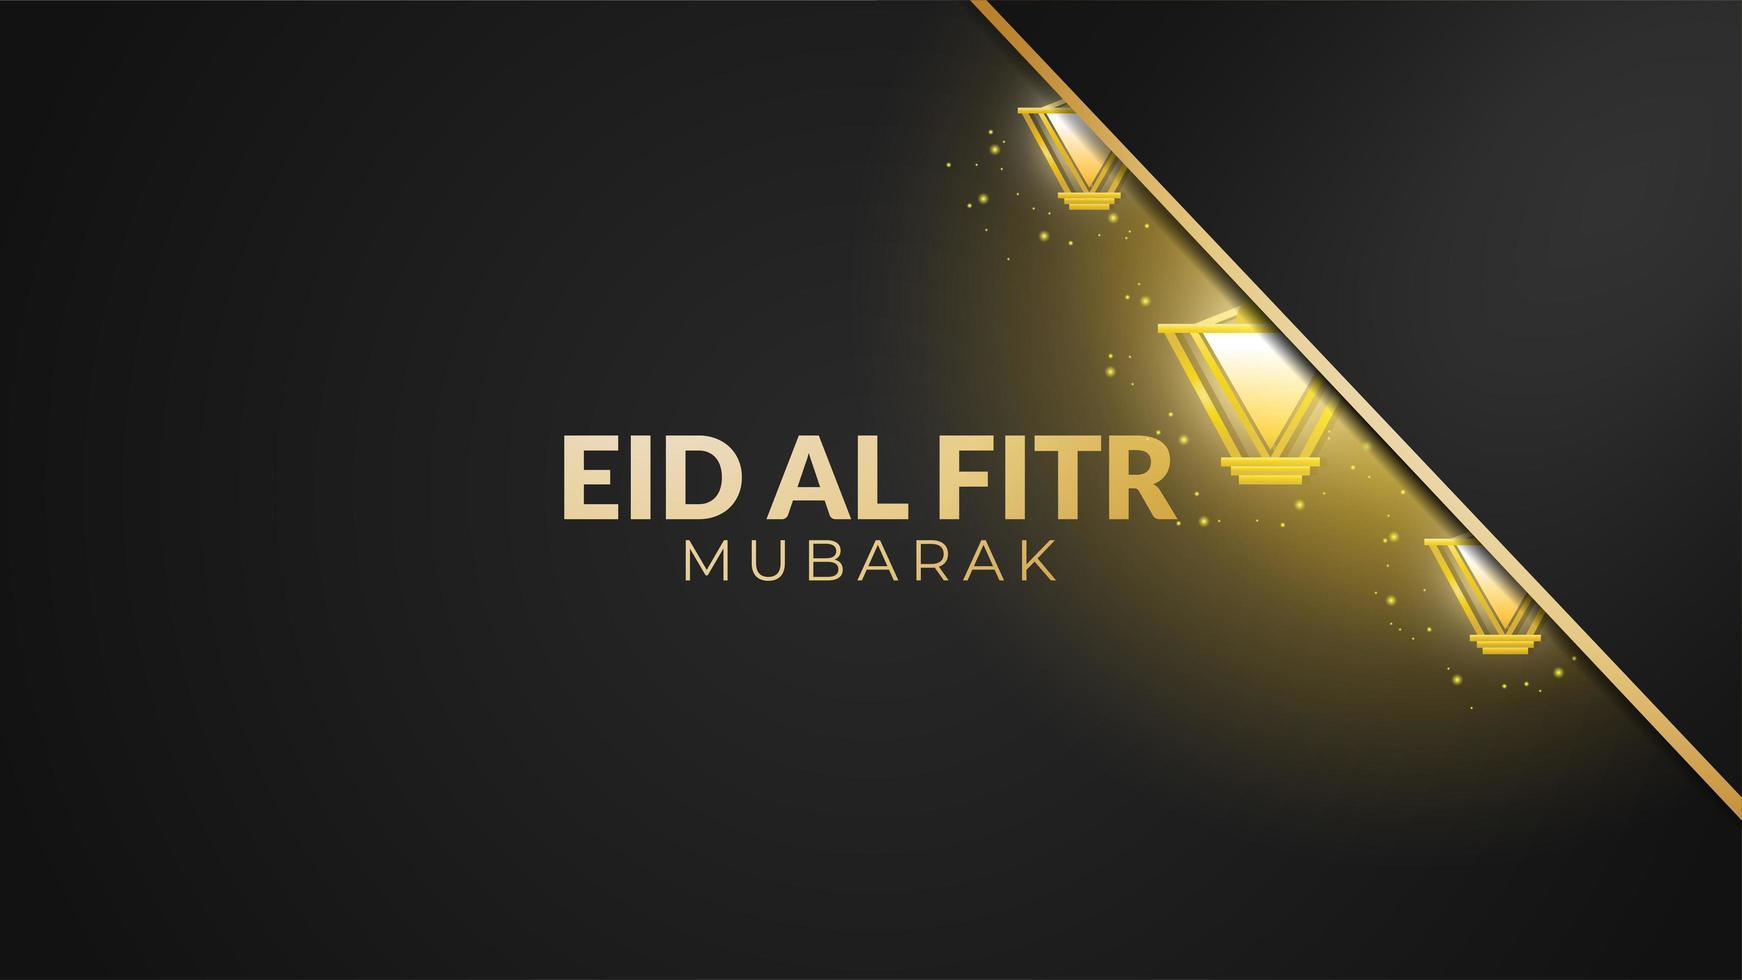 eid al-fitr schwarz und gold funkelnde Laternen vektor